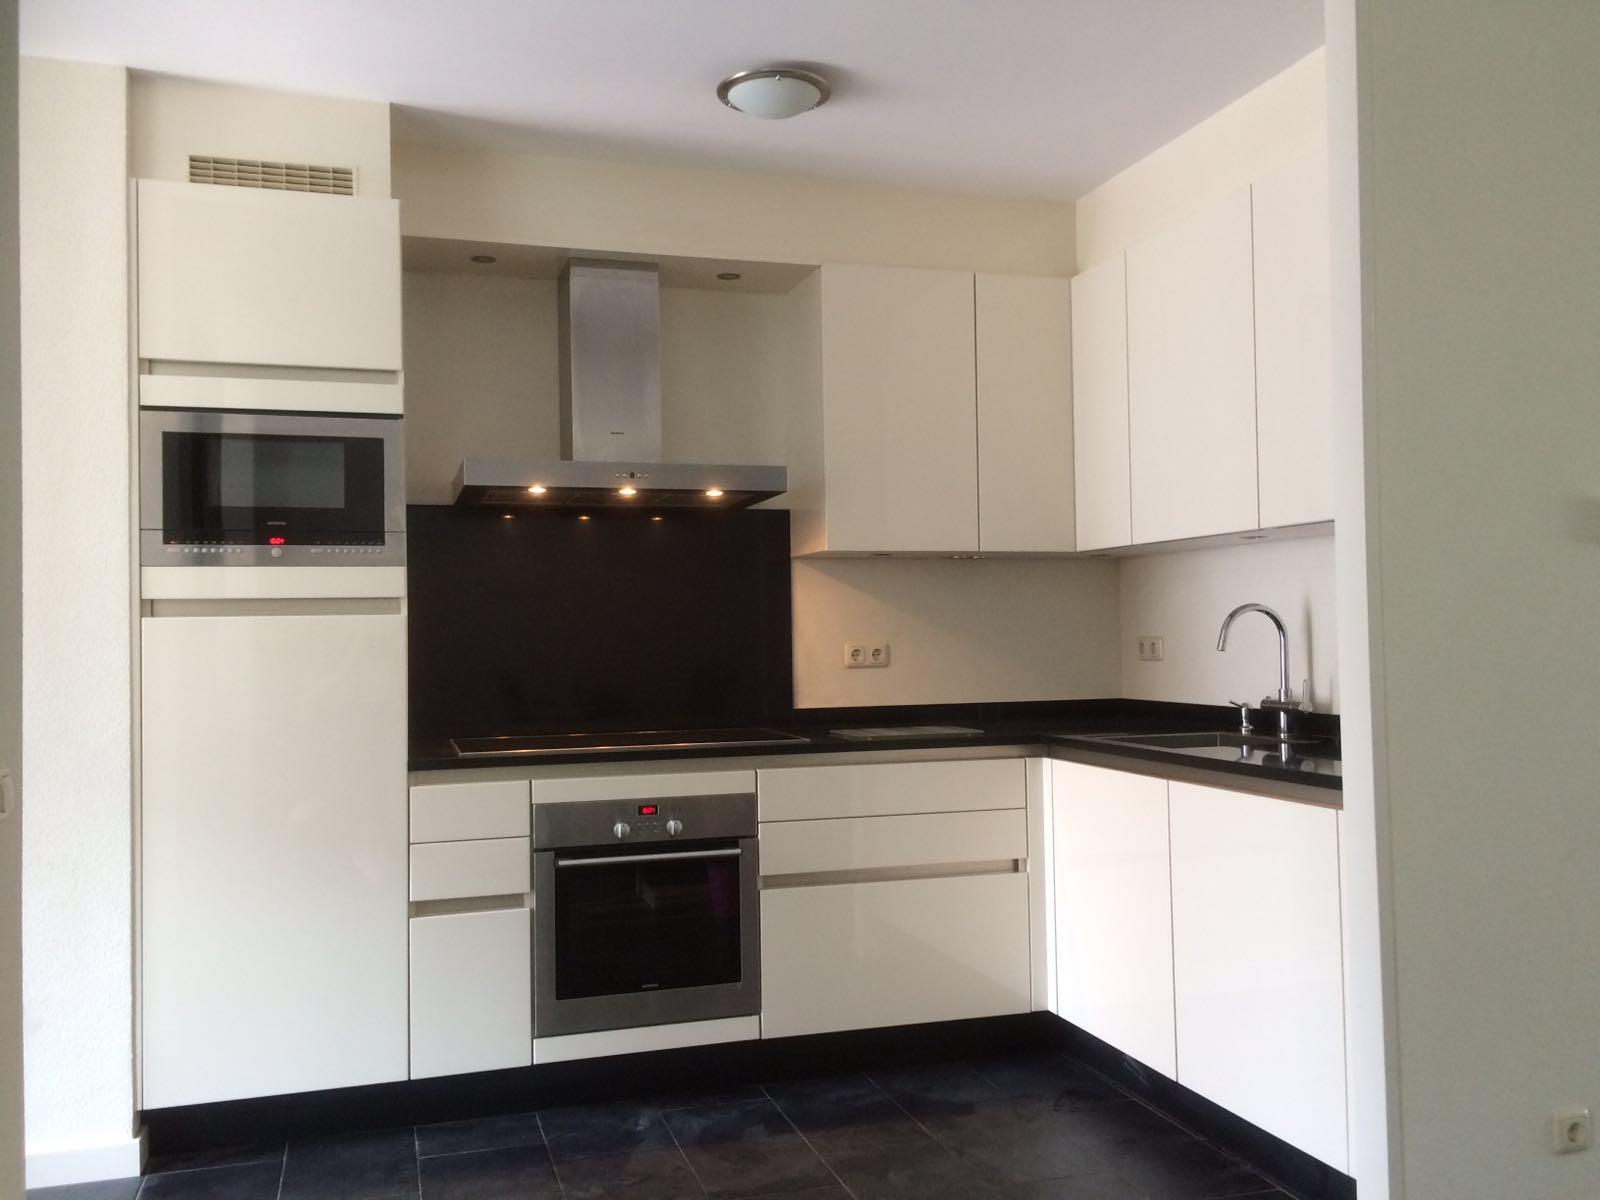 Hoge ladekast keuken badkamerkast kwantum creatieve idee n voor home design metalen - Ontwerp witte keukens ...